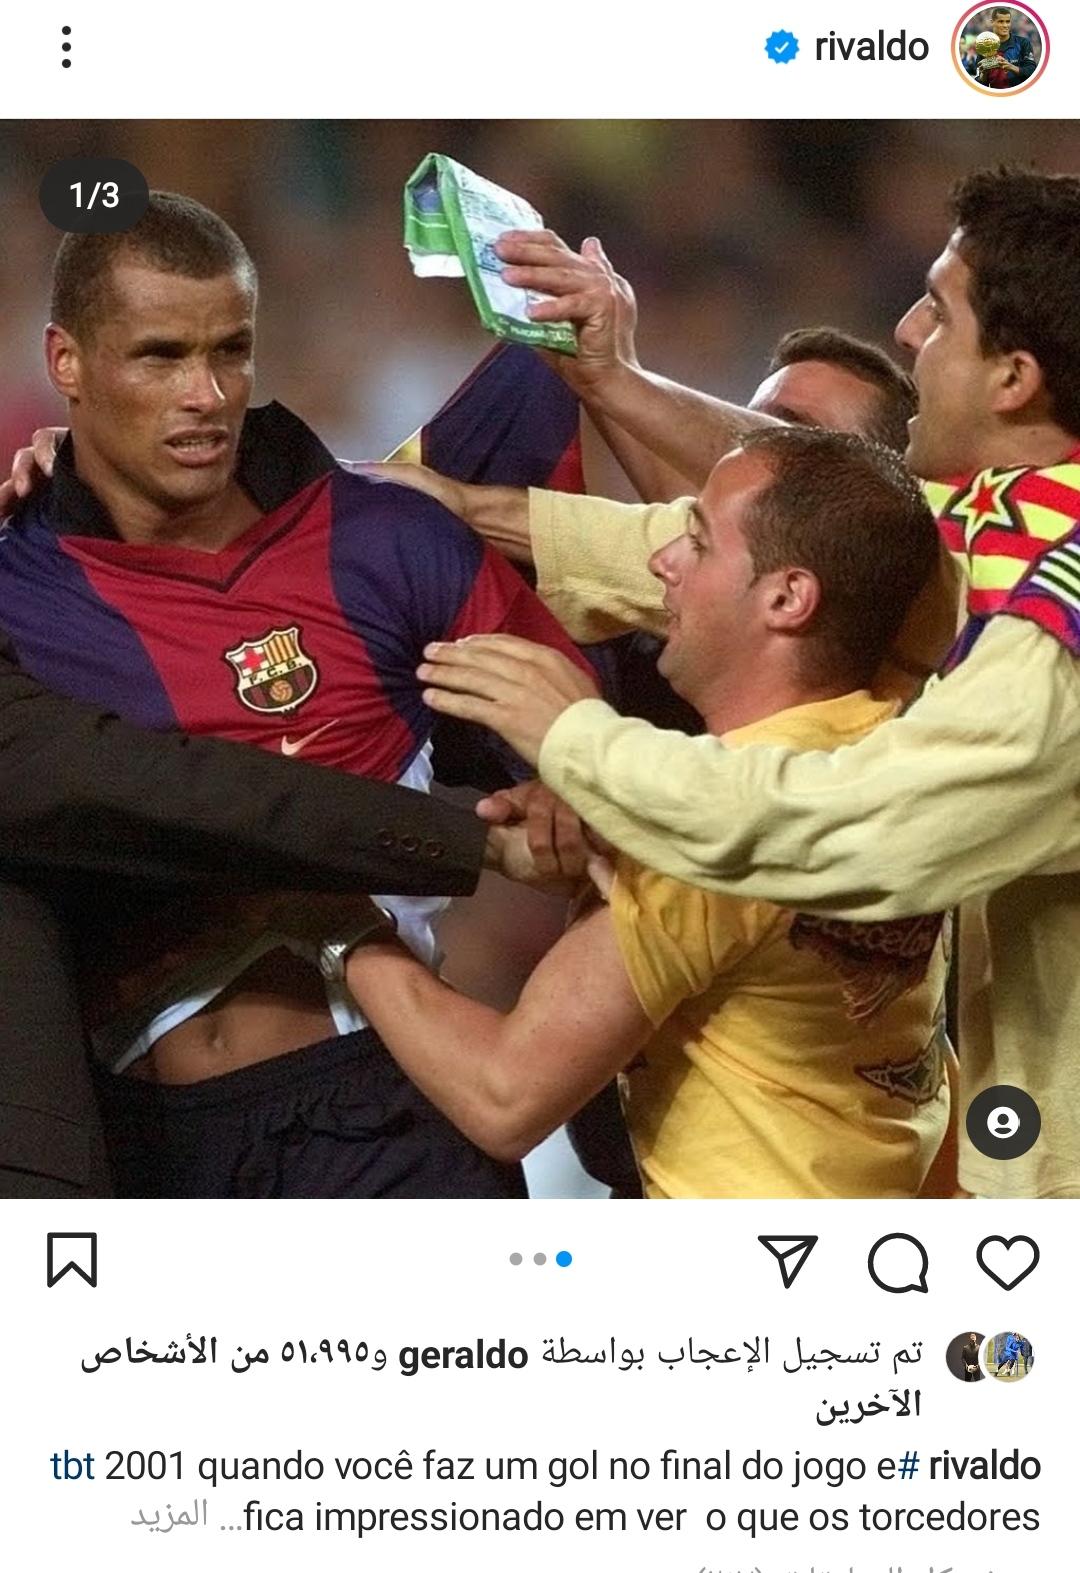 Rivaldo on Instagram